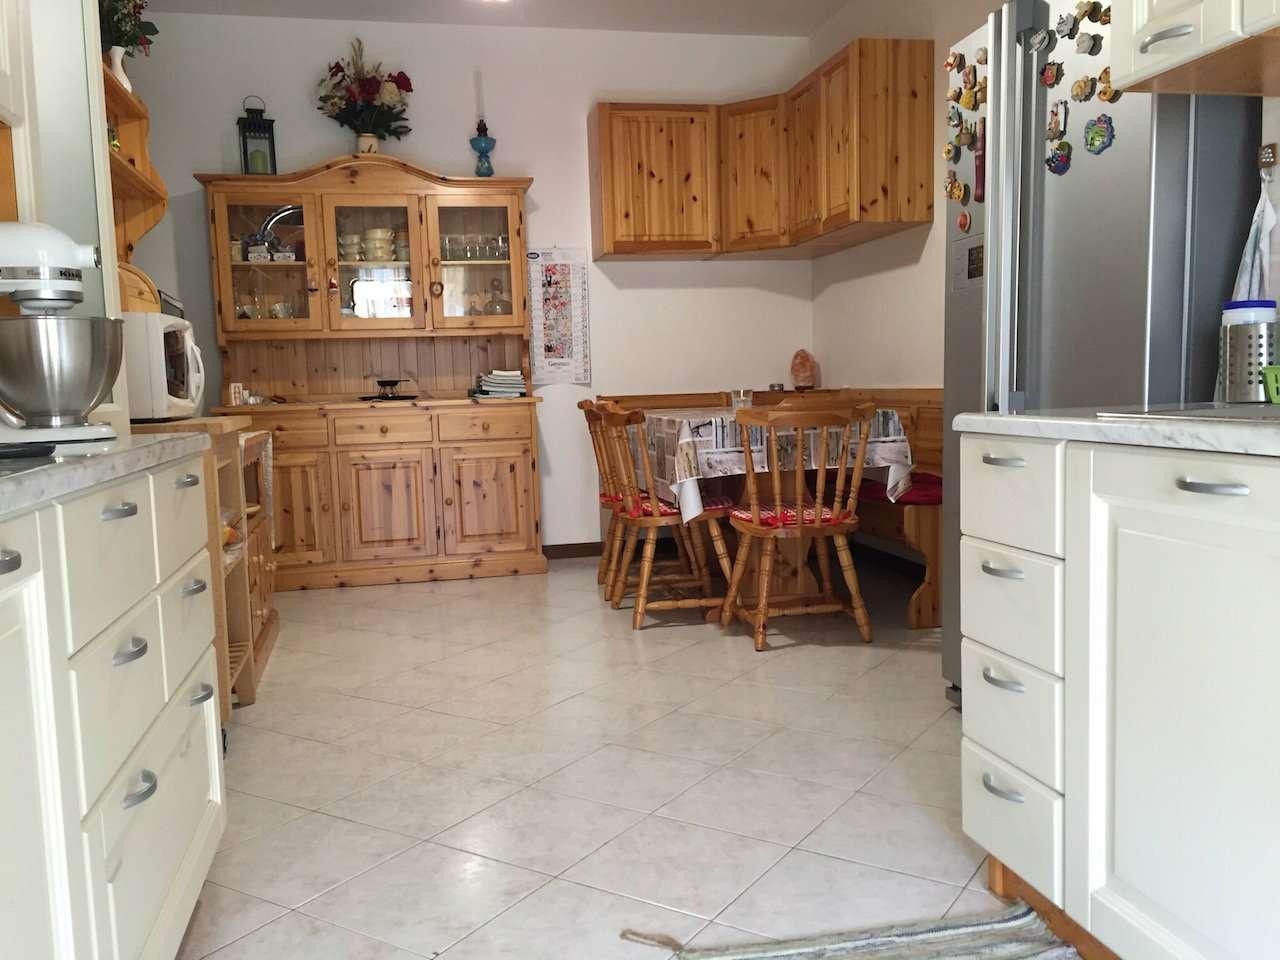 Appartamento in vendita a Casarza Ligure, 3 locali, prezzo € 230.000 | Cambio Casa.it